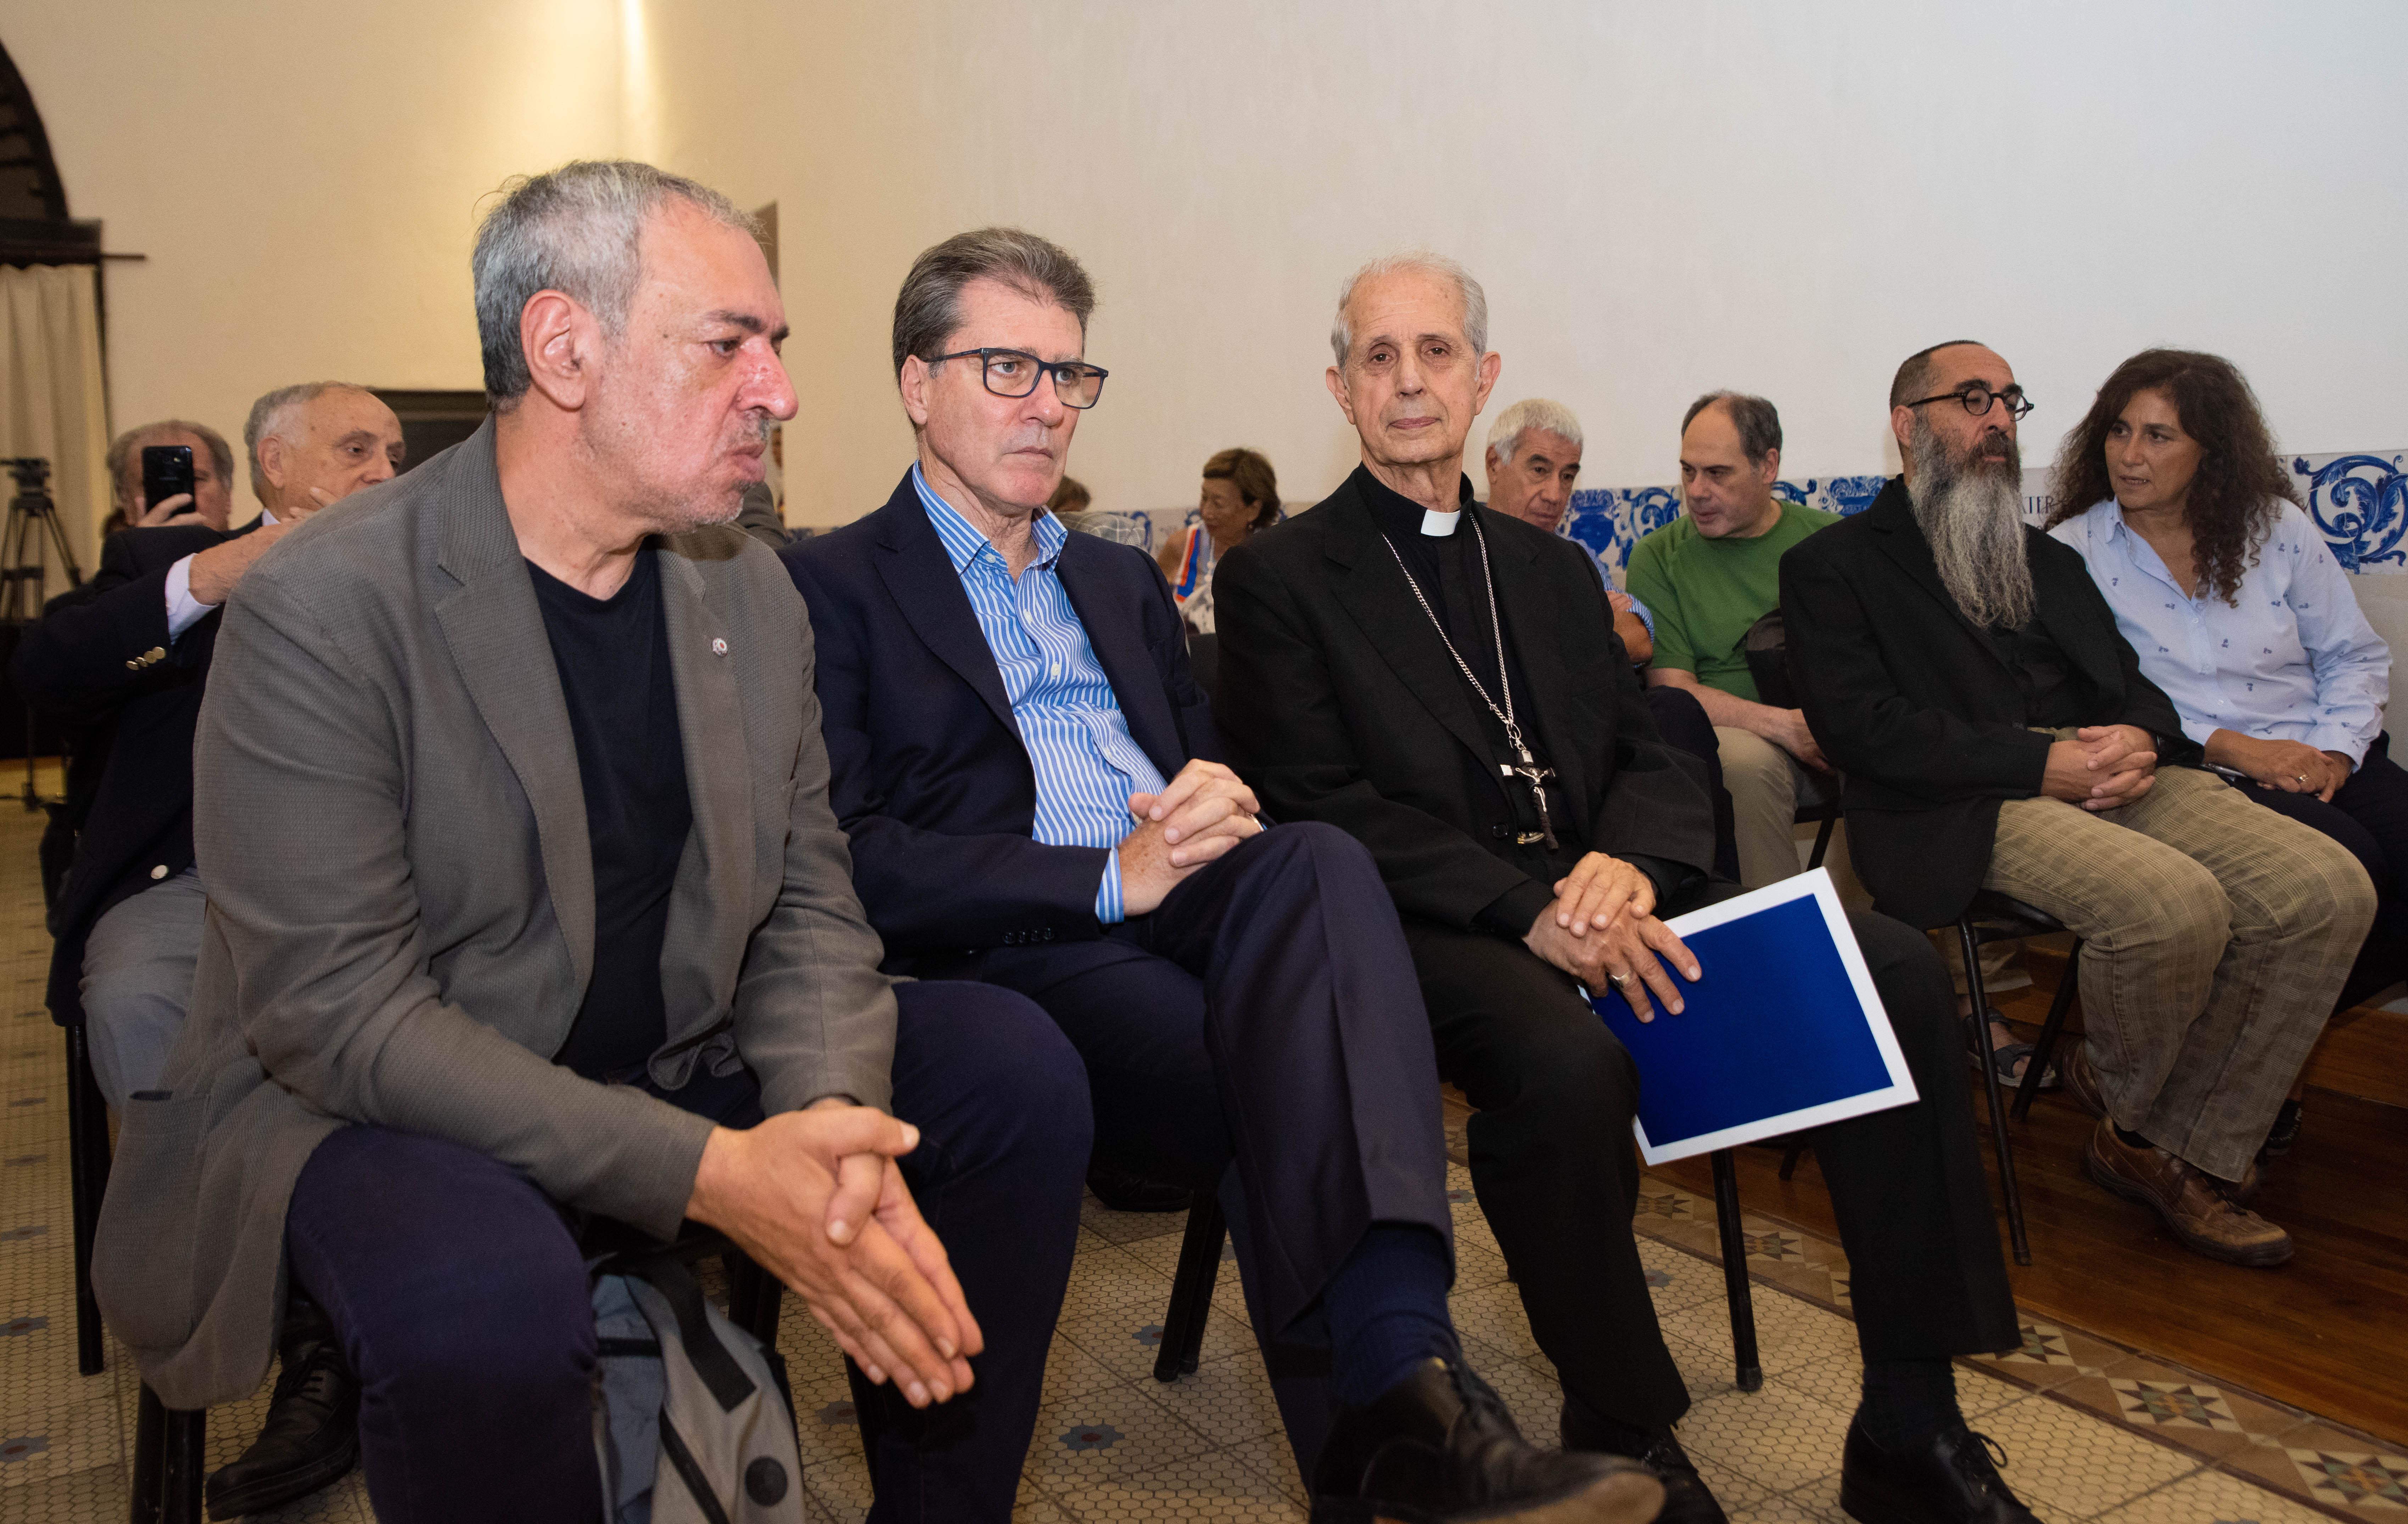 De izquierda a derecha: Omar Abboud, presidente del Instituto de Diálogo Interreligioso; el rabino Daniel Goldman, el presbíteriano Marcelo Figueroa y el cardenal Mario Aurelio Poli, arzobispo de Buenos Aires.